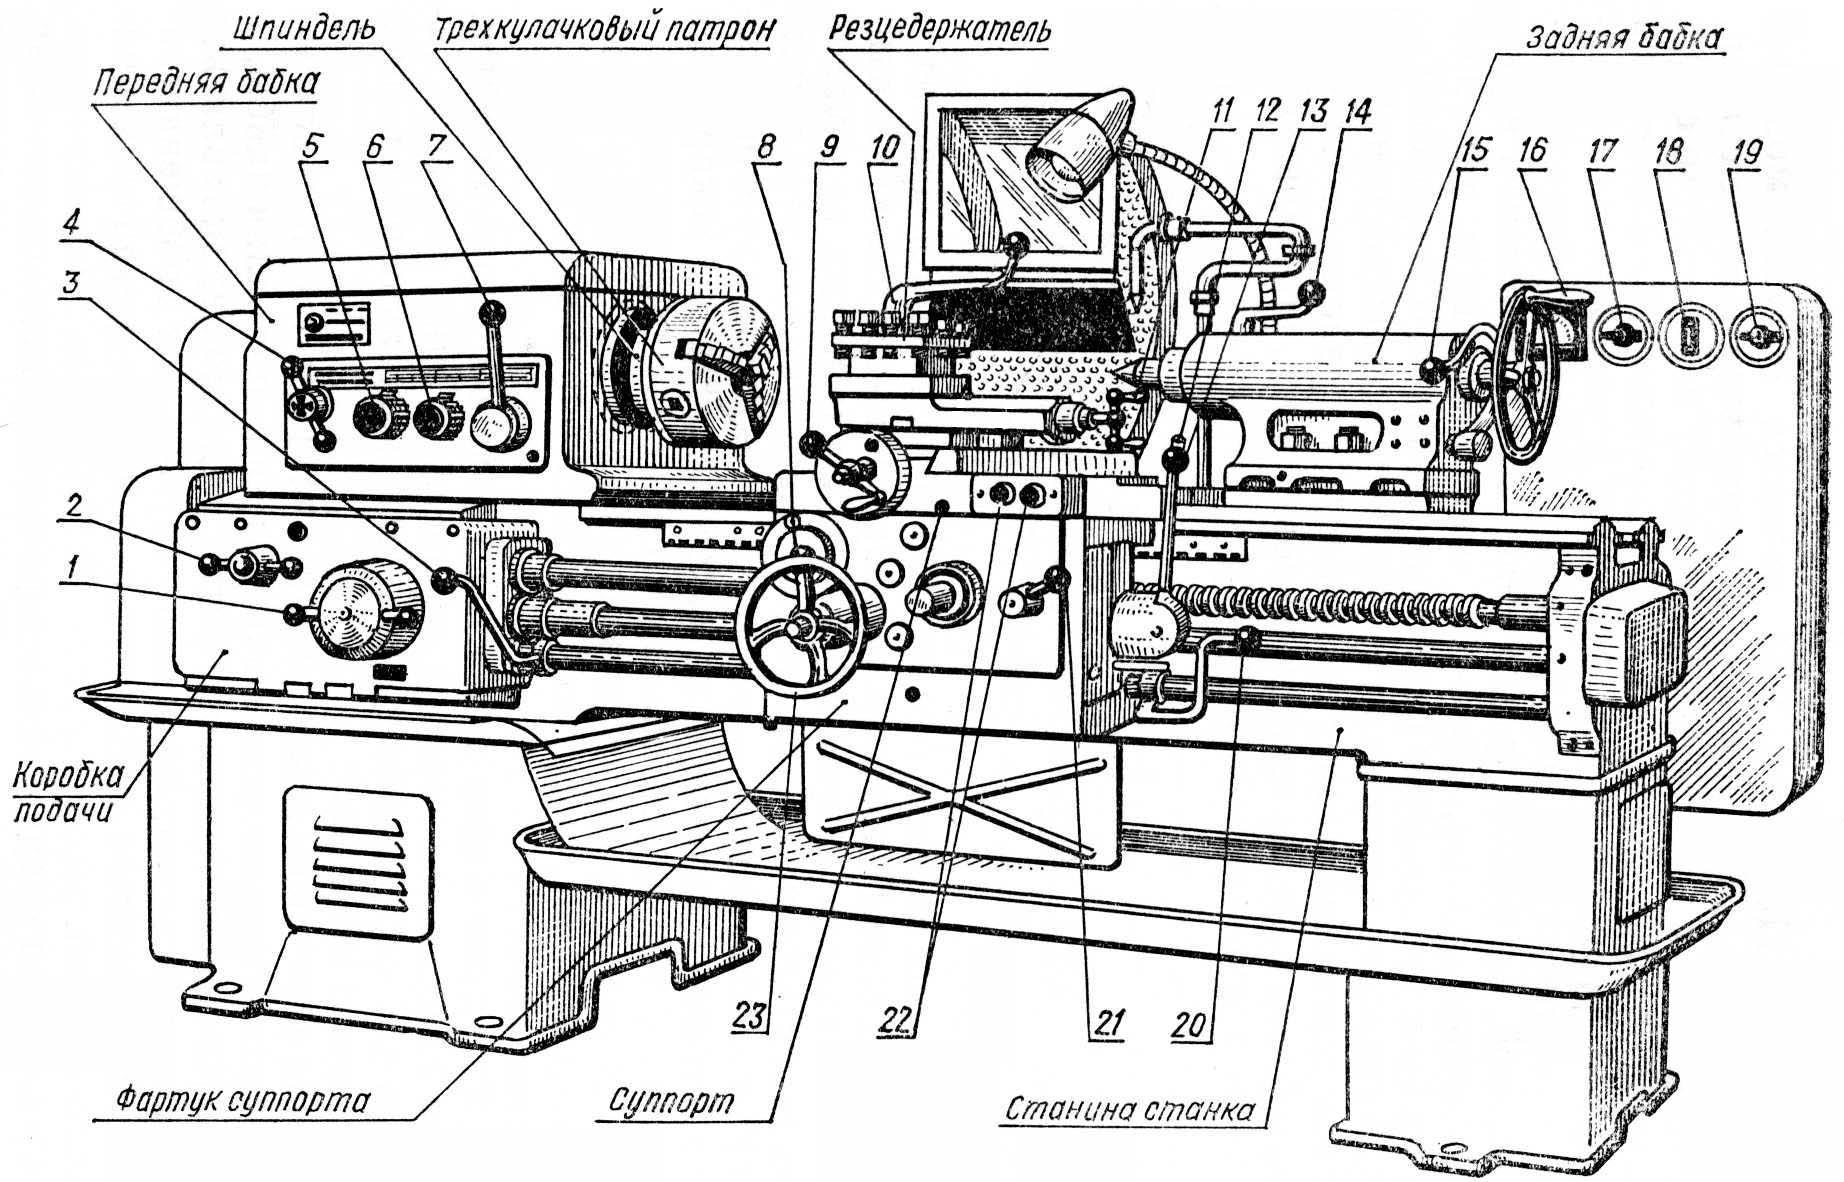 Картинки станка токарно-винторезного станка